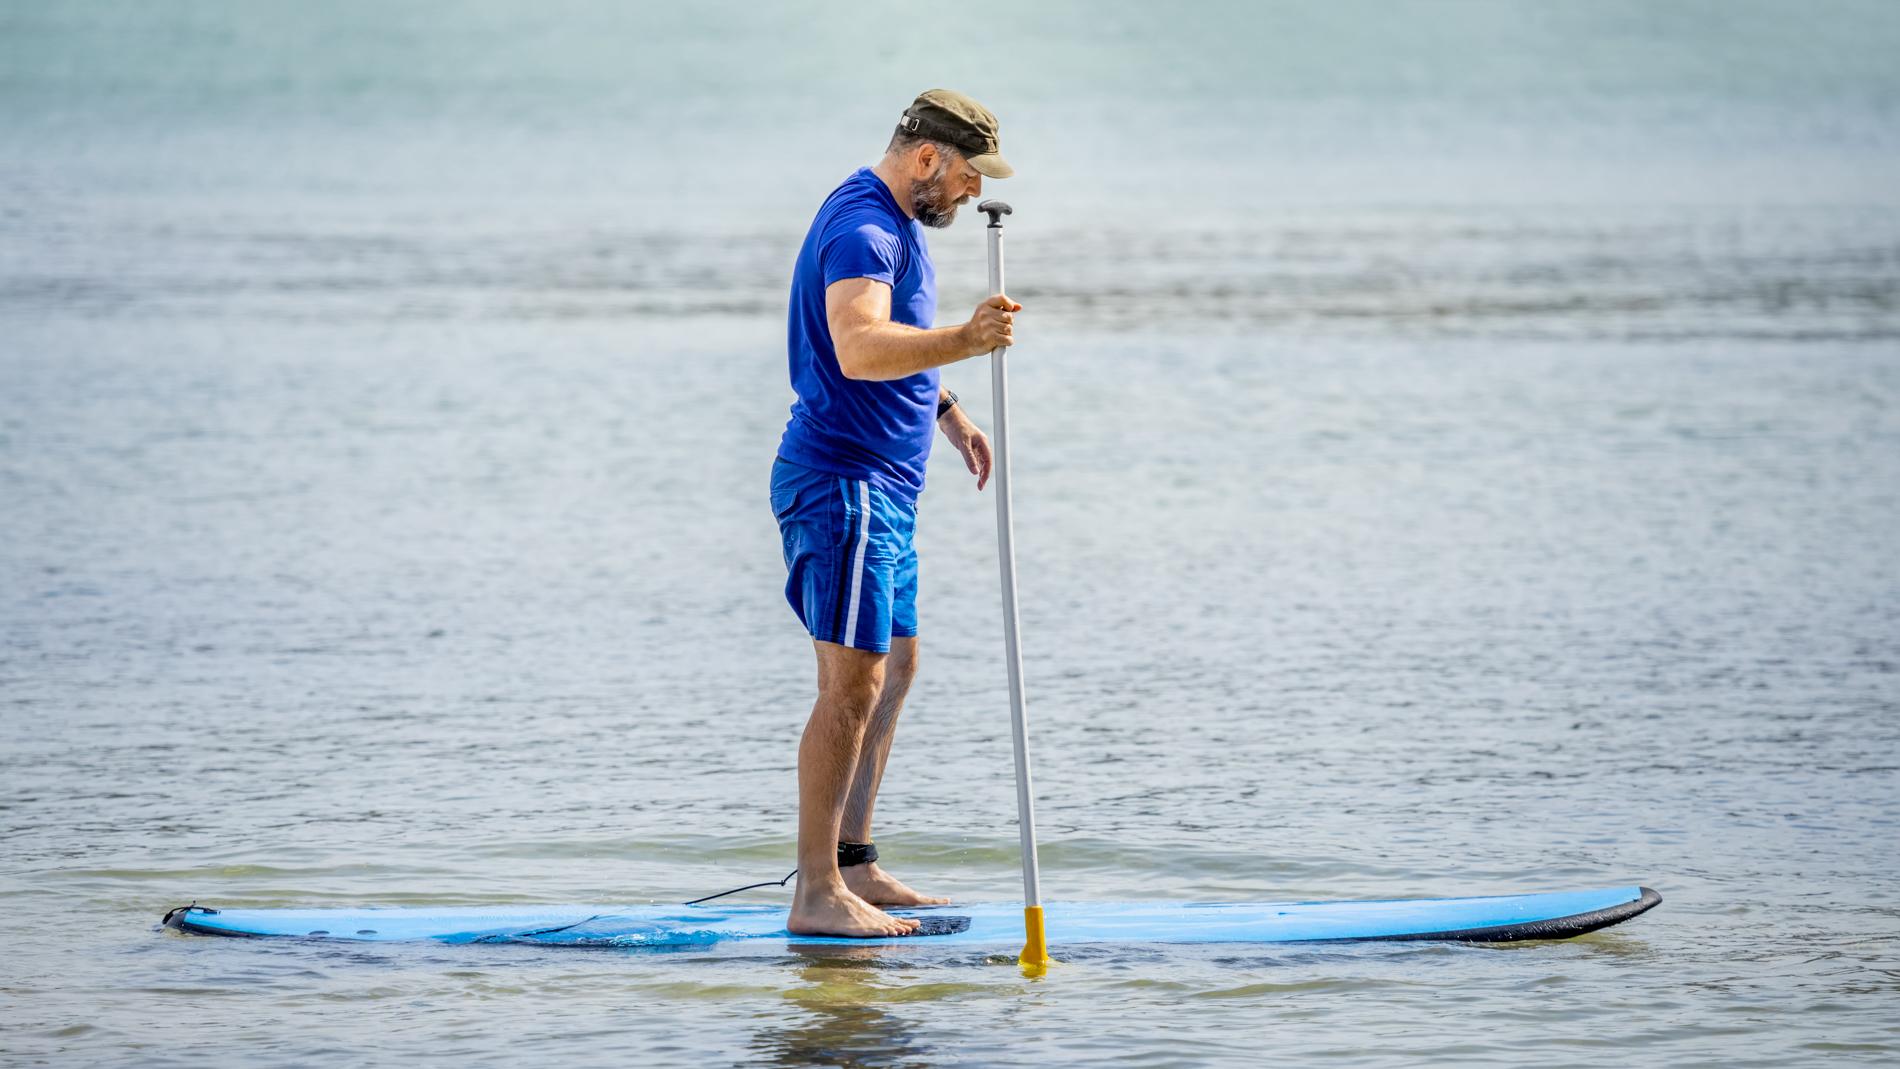 Tapaamme Levin matkailun edessä, josta kävelemme Immeljärven rannalle. Opas kertoo SUP-lautailun perusteista. Suppailemme nauttien hiljaisuudesta ja upeista maisemista. Ota mukaasi vesipullo ja mukavat vaatteet, joita ei haittaa kastuminen.  LUE LISÄÄ TÄÄLTÄ